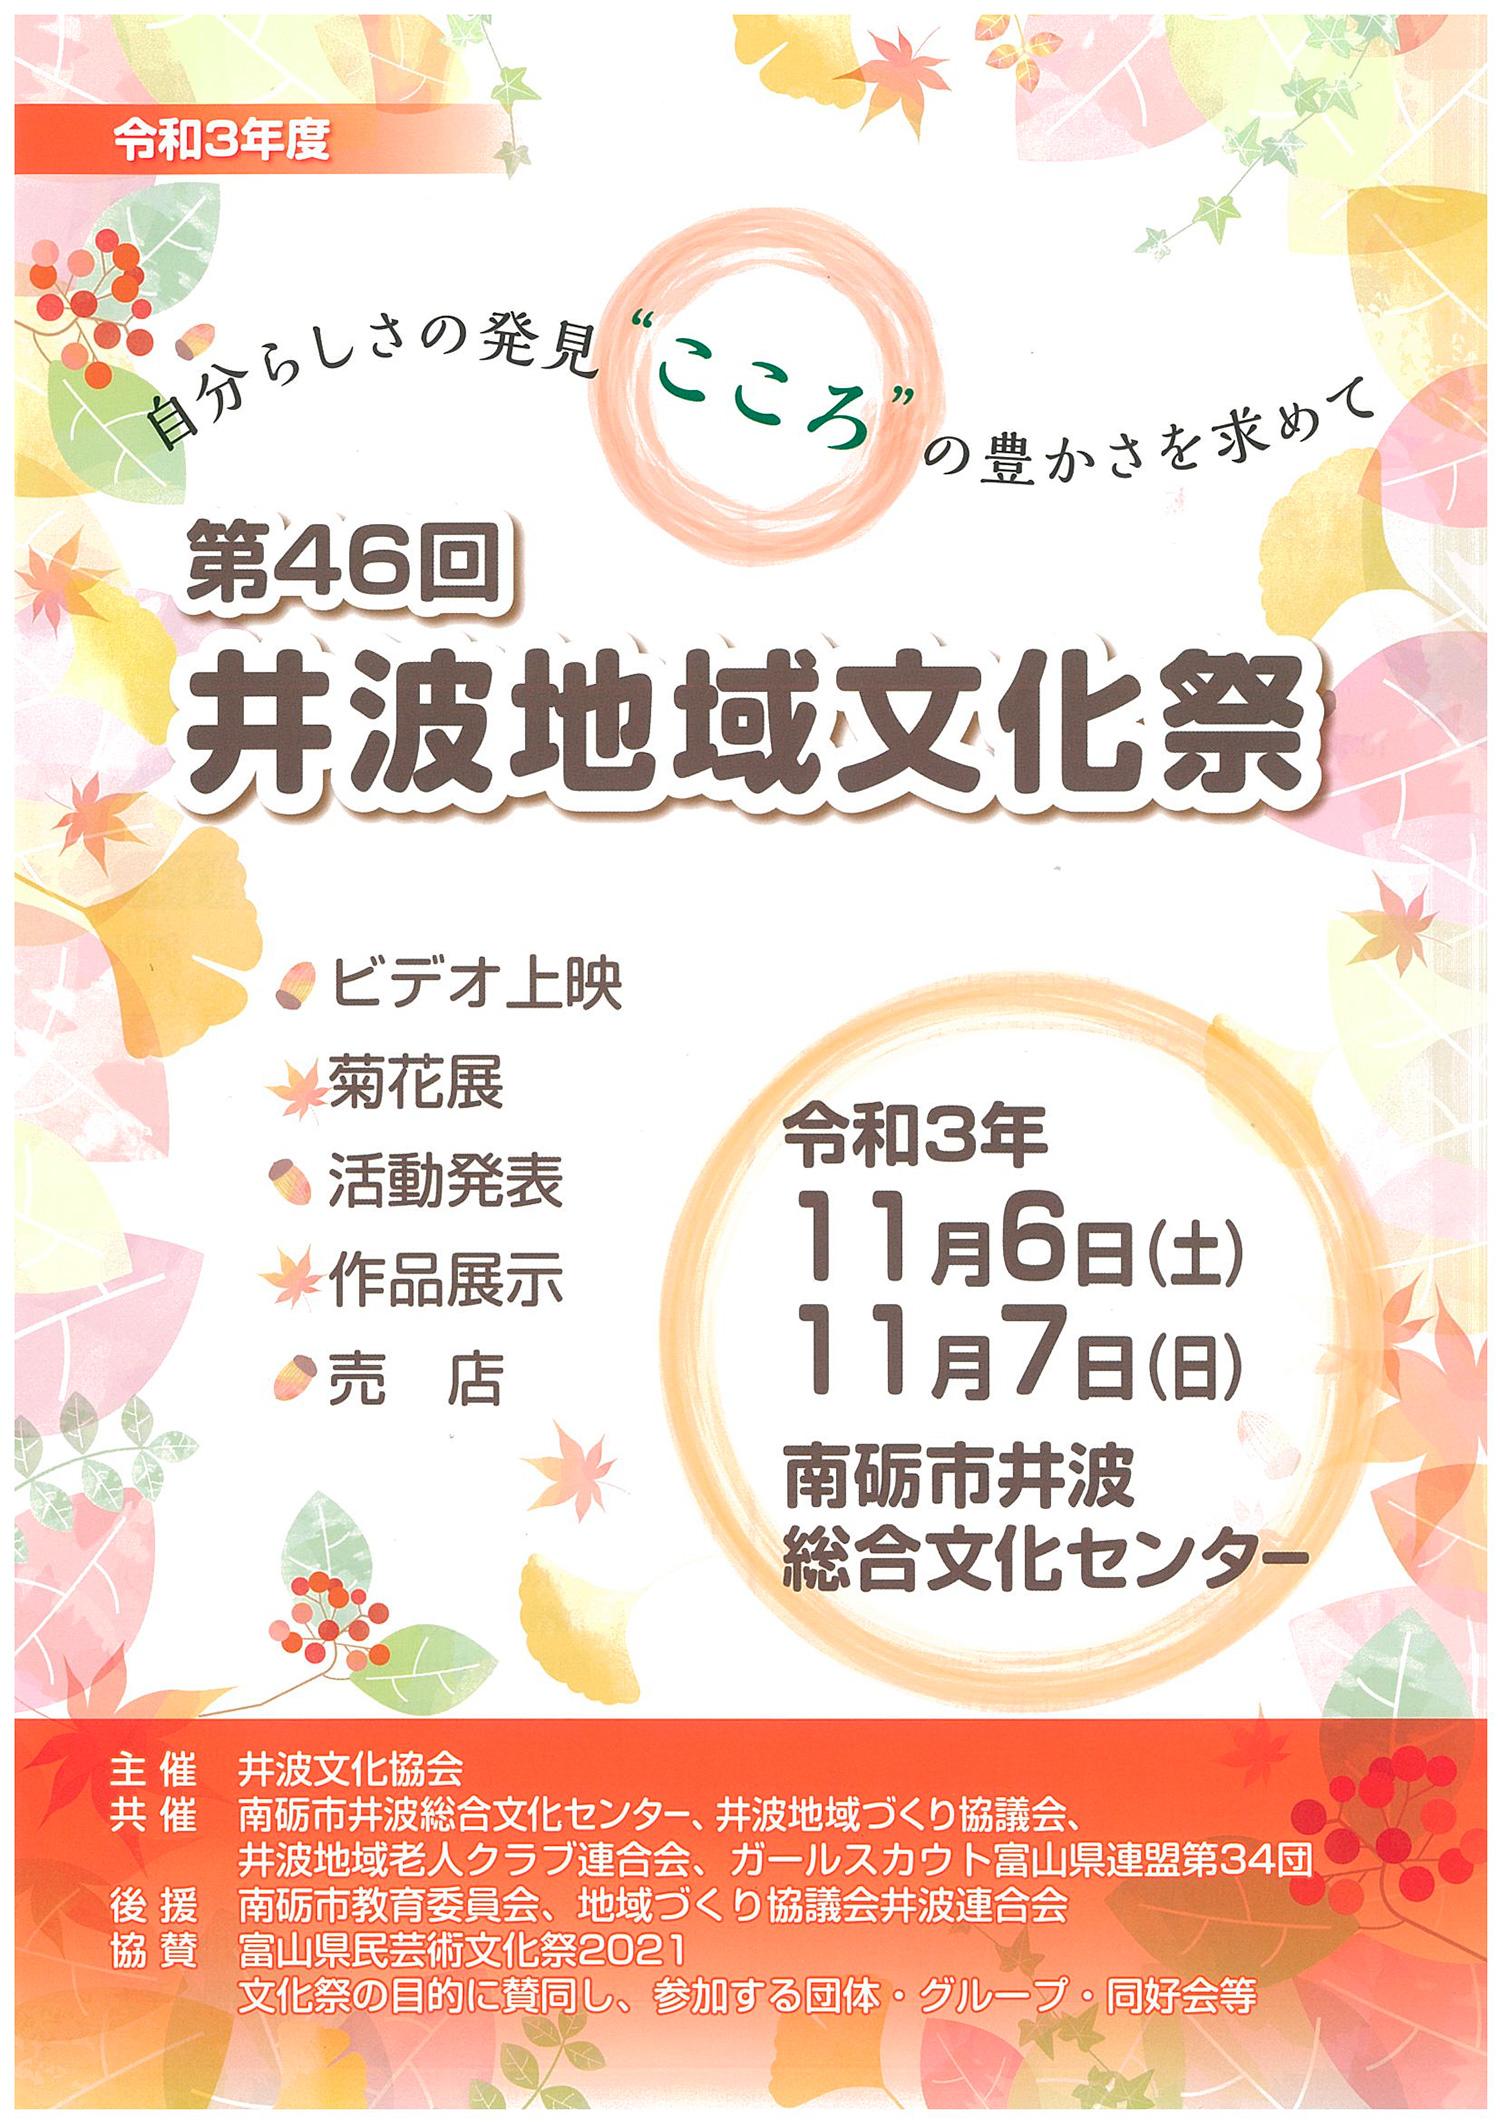 第46回 井波地域文化祭の画像